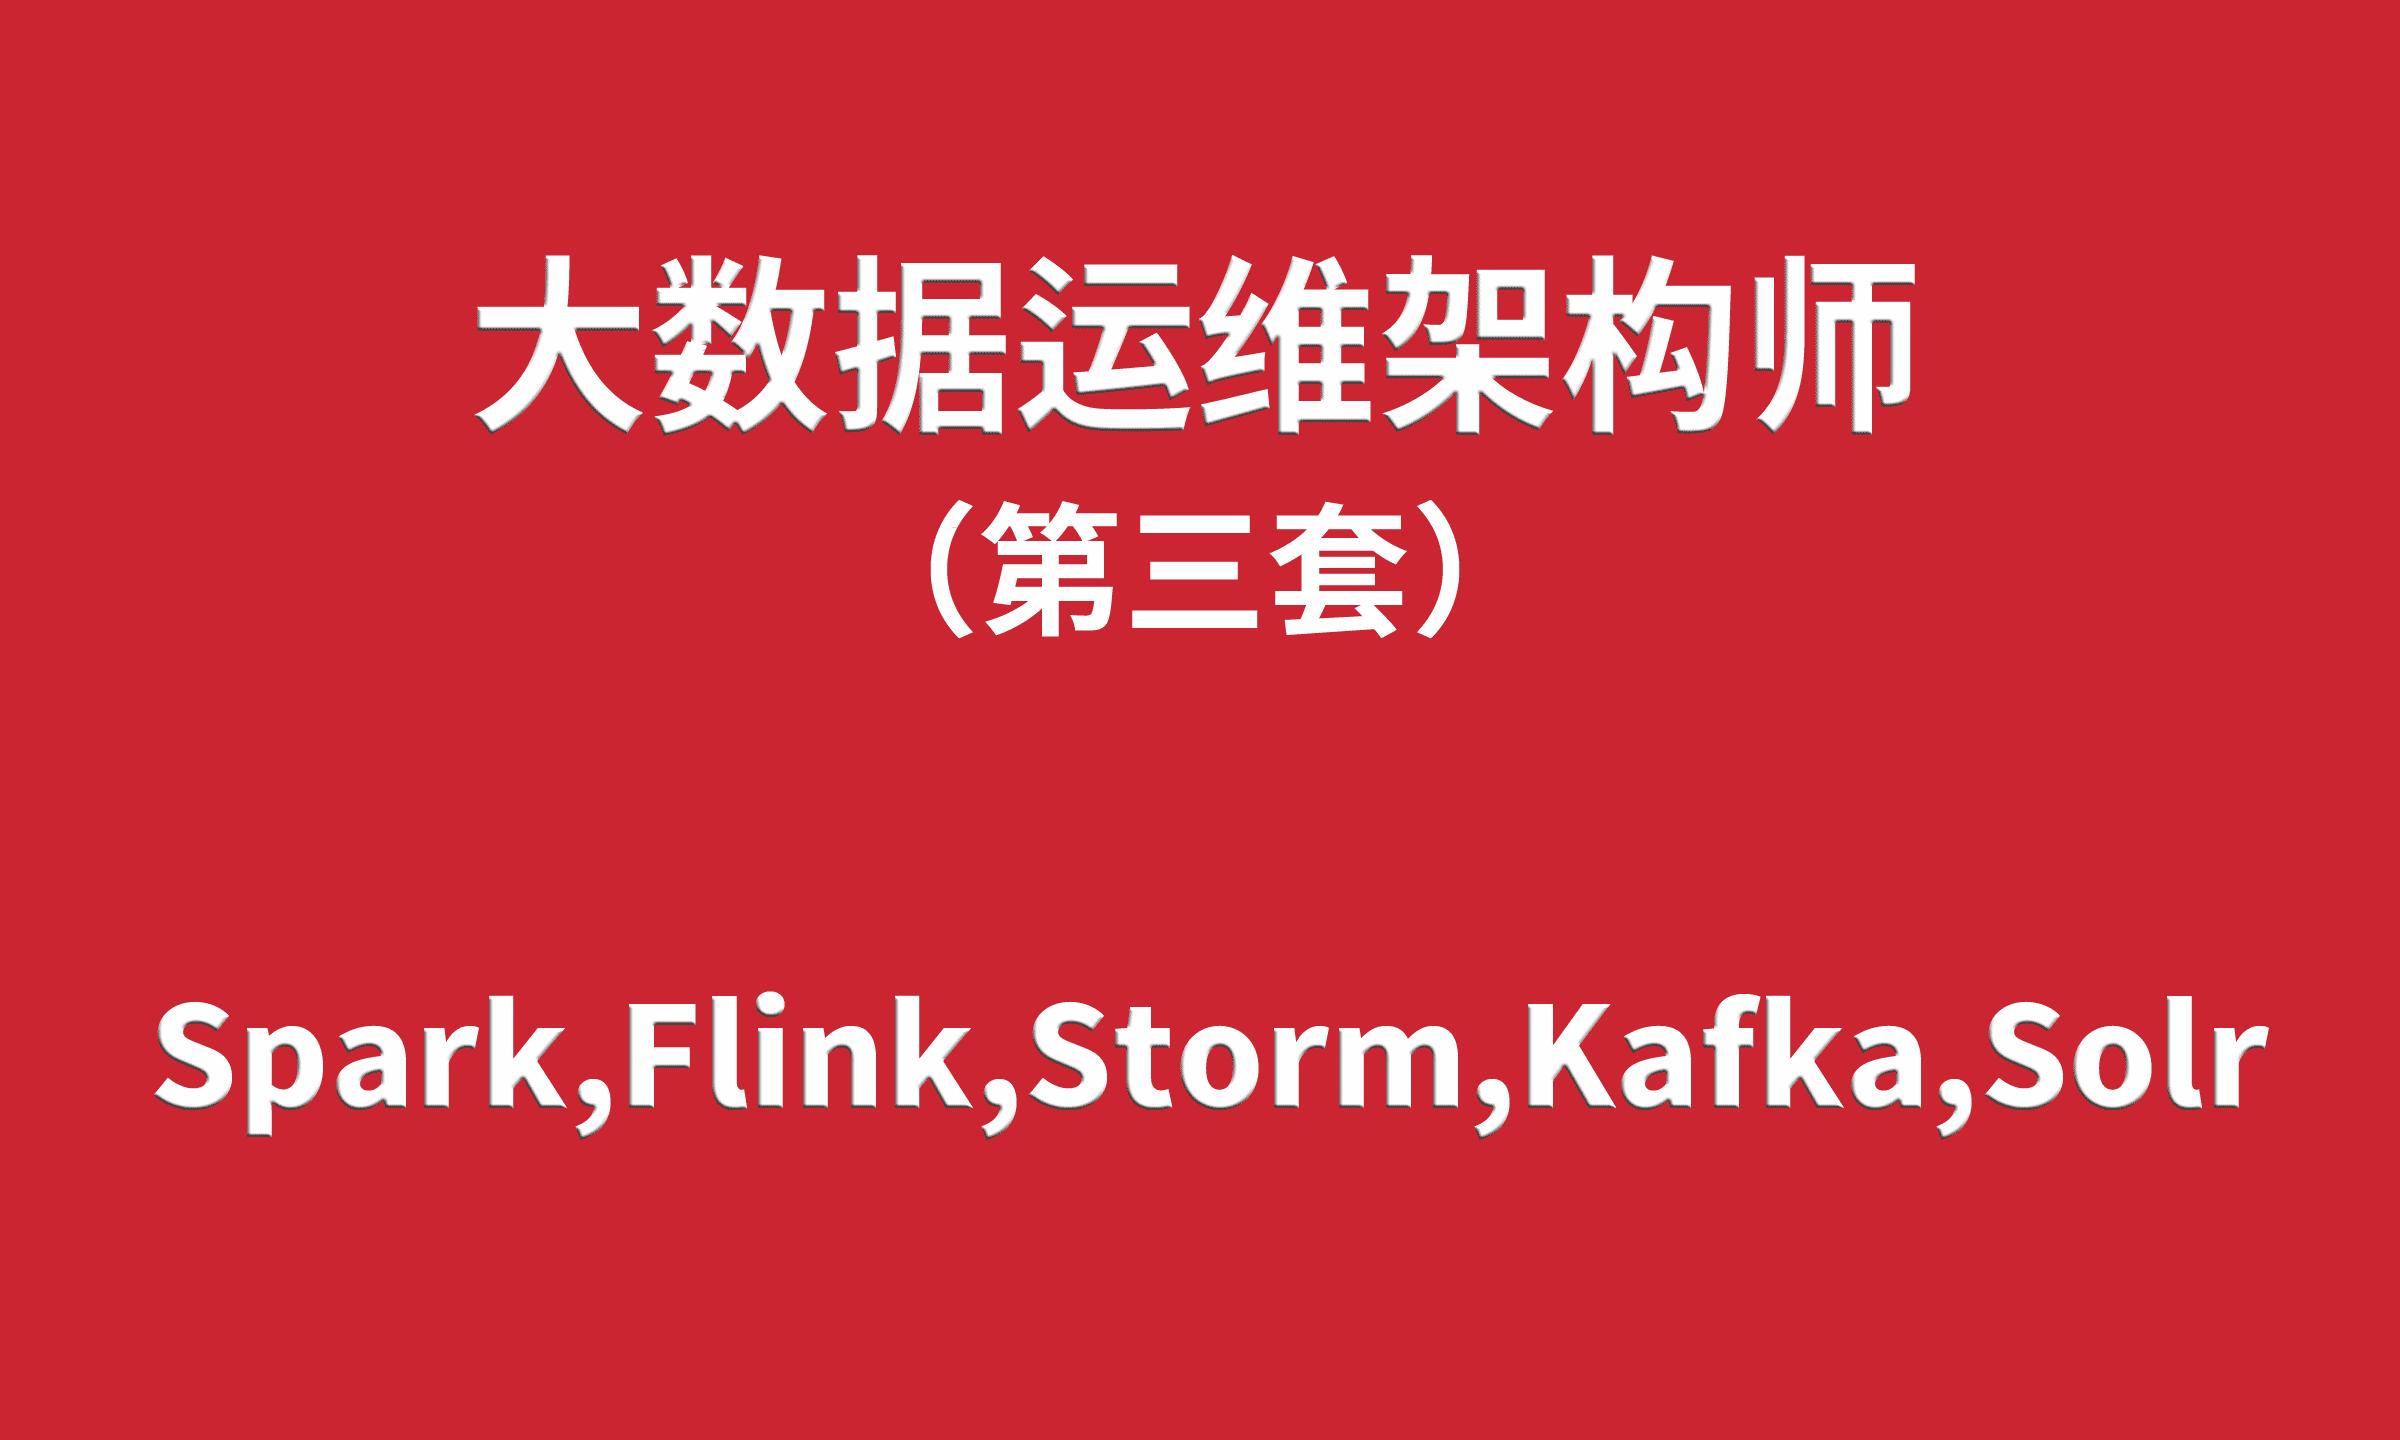 大数据运维架构师培训(3):Spark,Flink, Storm,Kafka,Solr